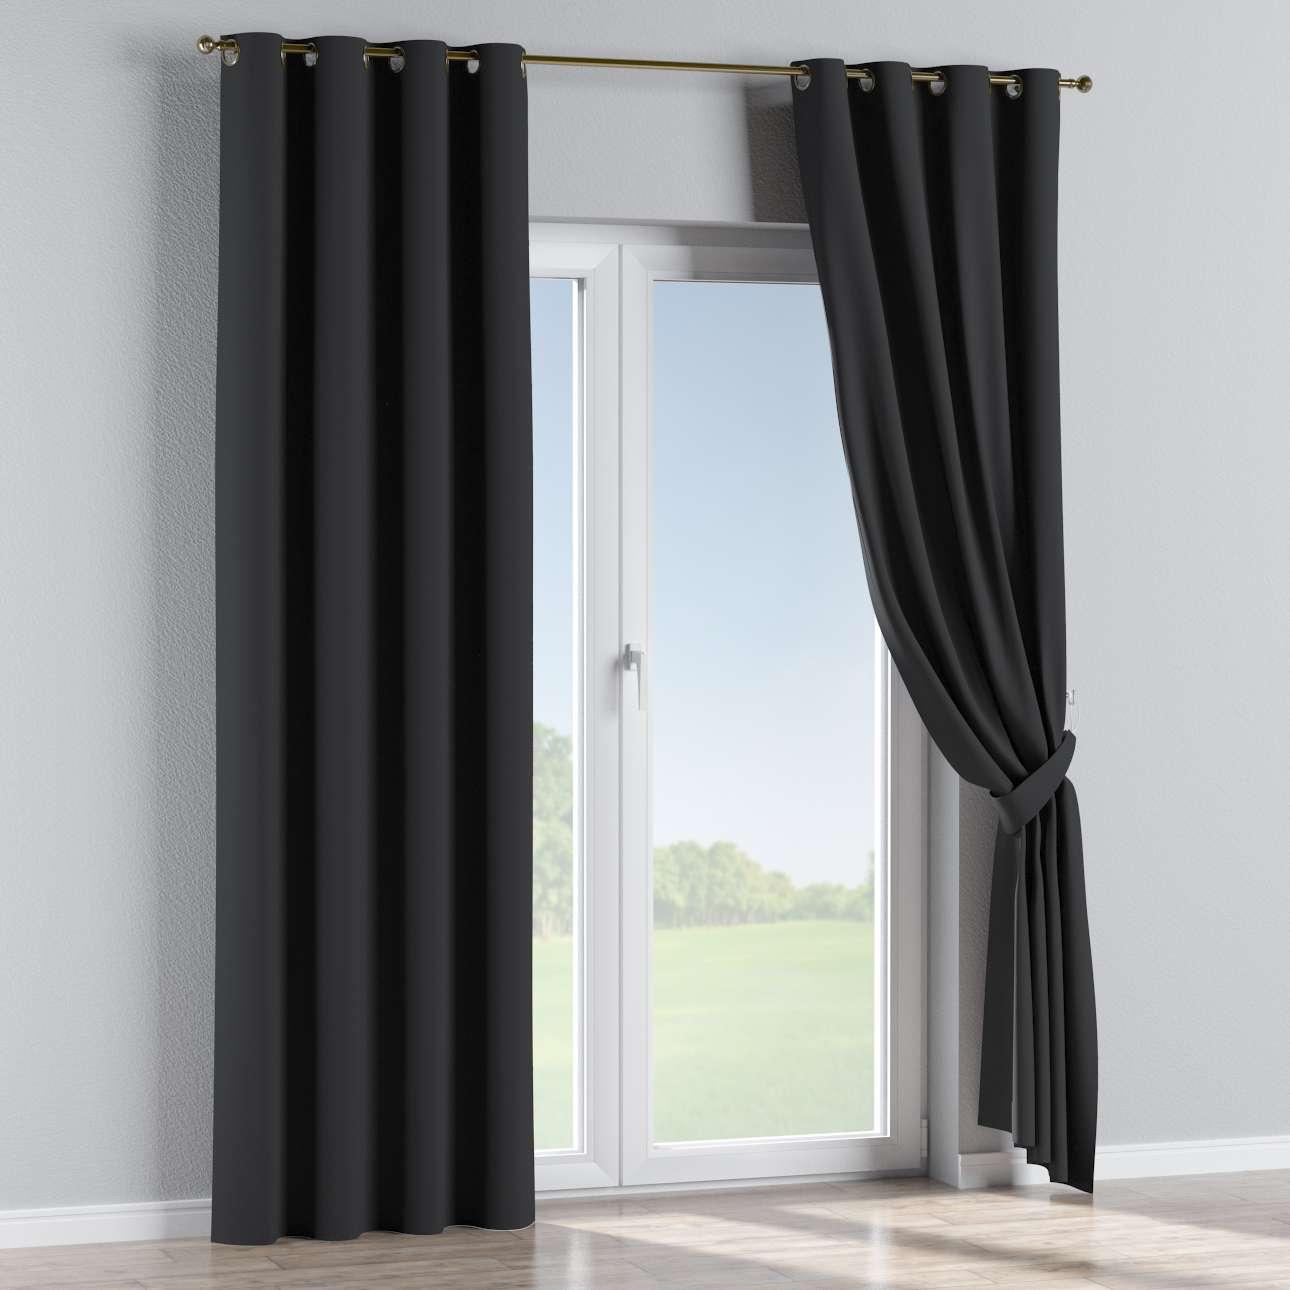 Blackout Eyelet Curtains Black Dekoria